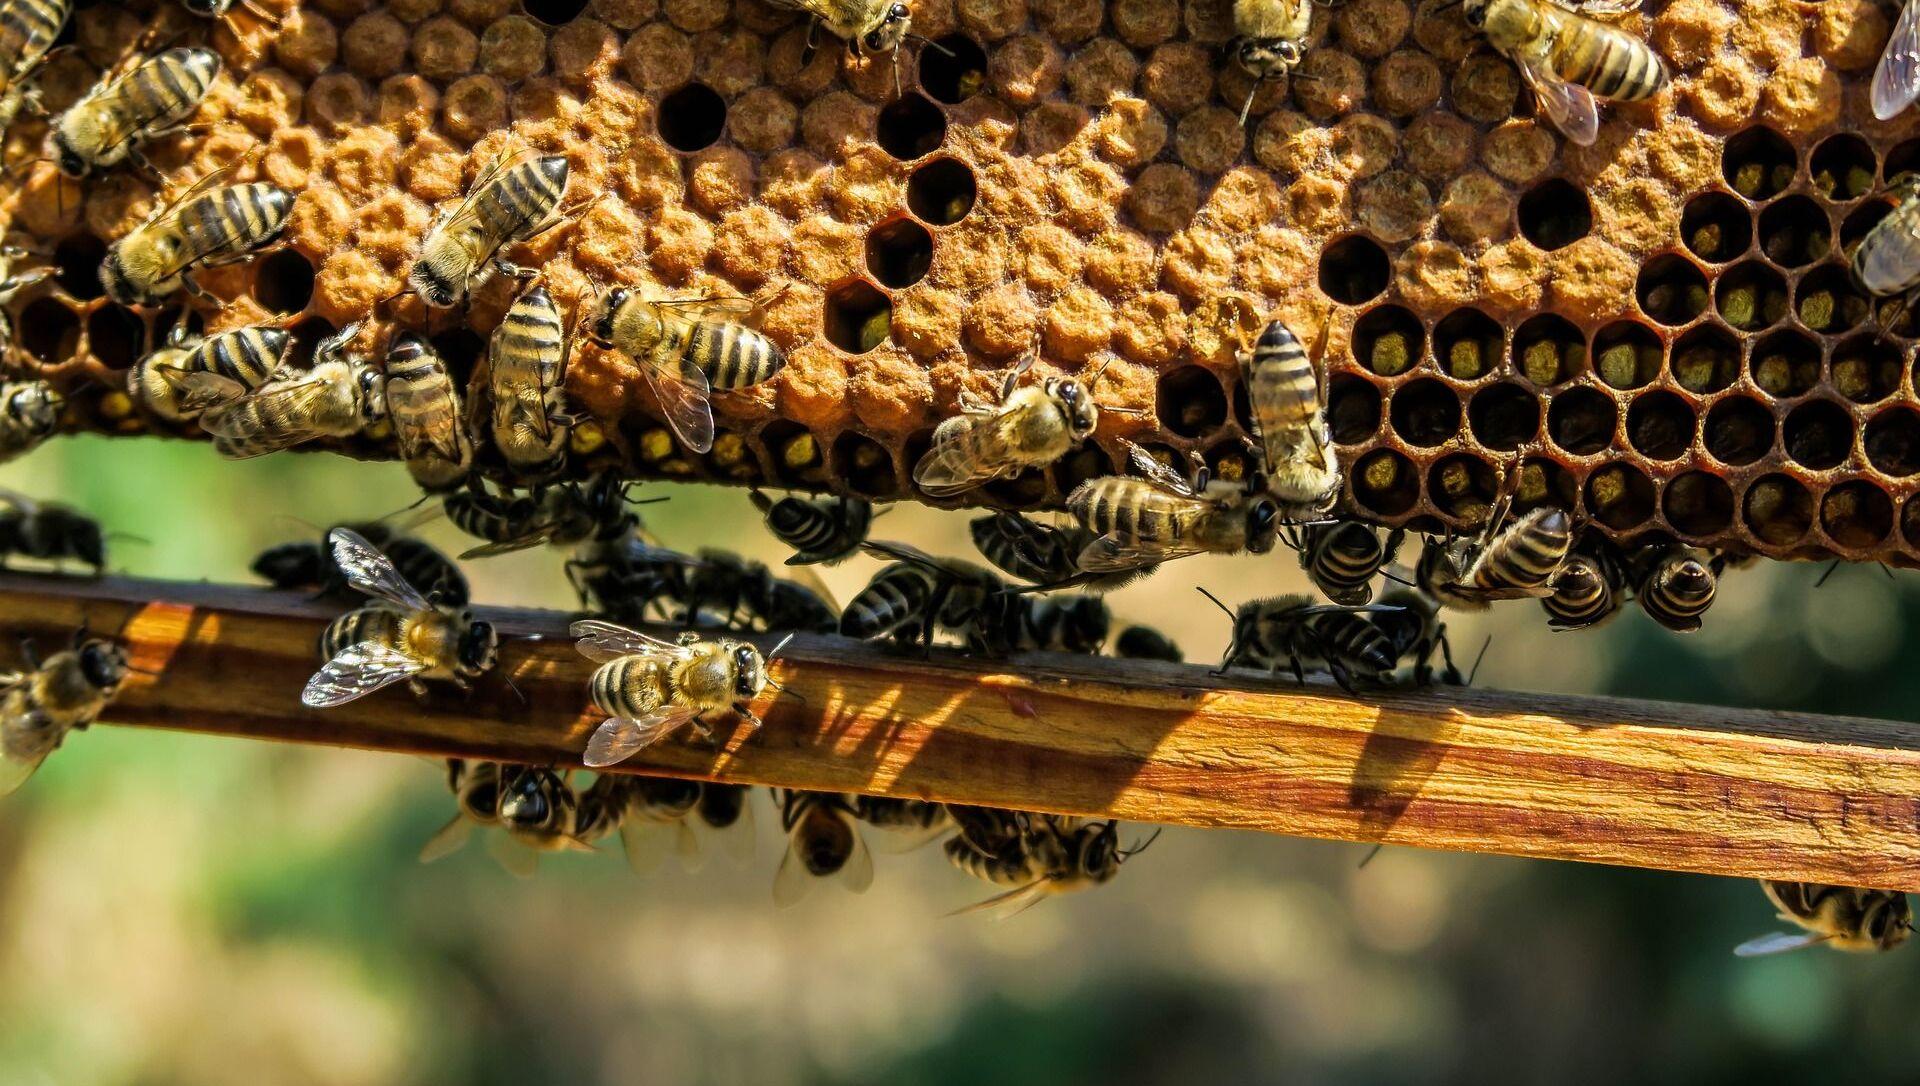 Le api - Sputnik Italia, 1920, 18.05.2021